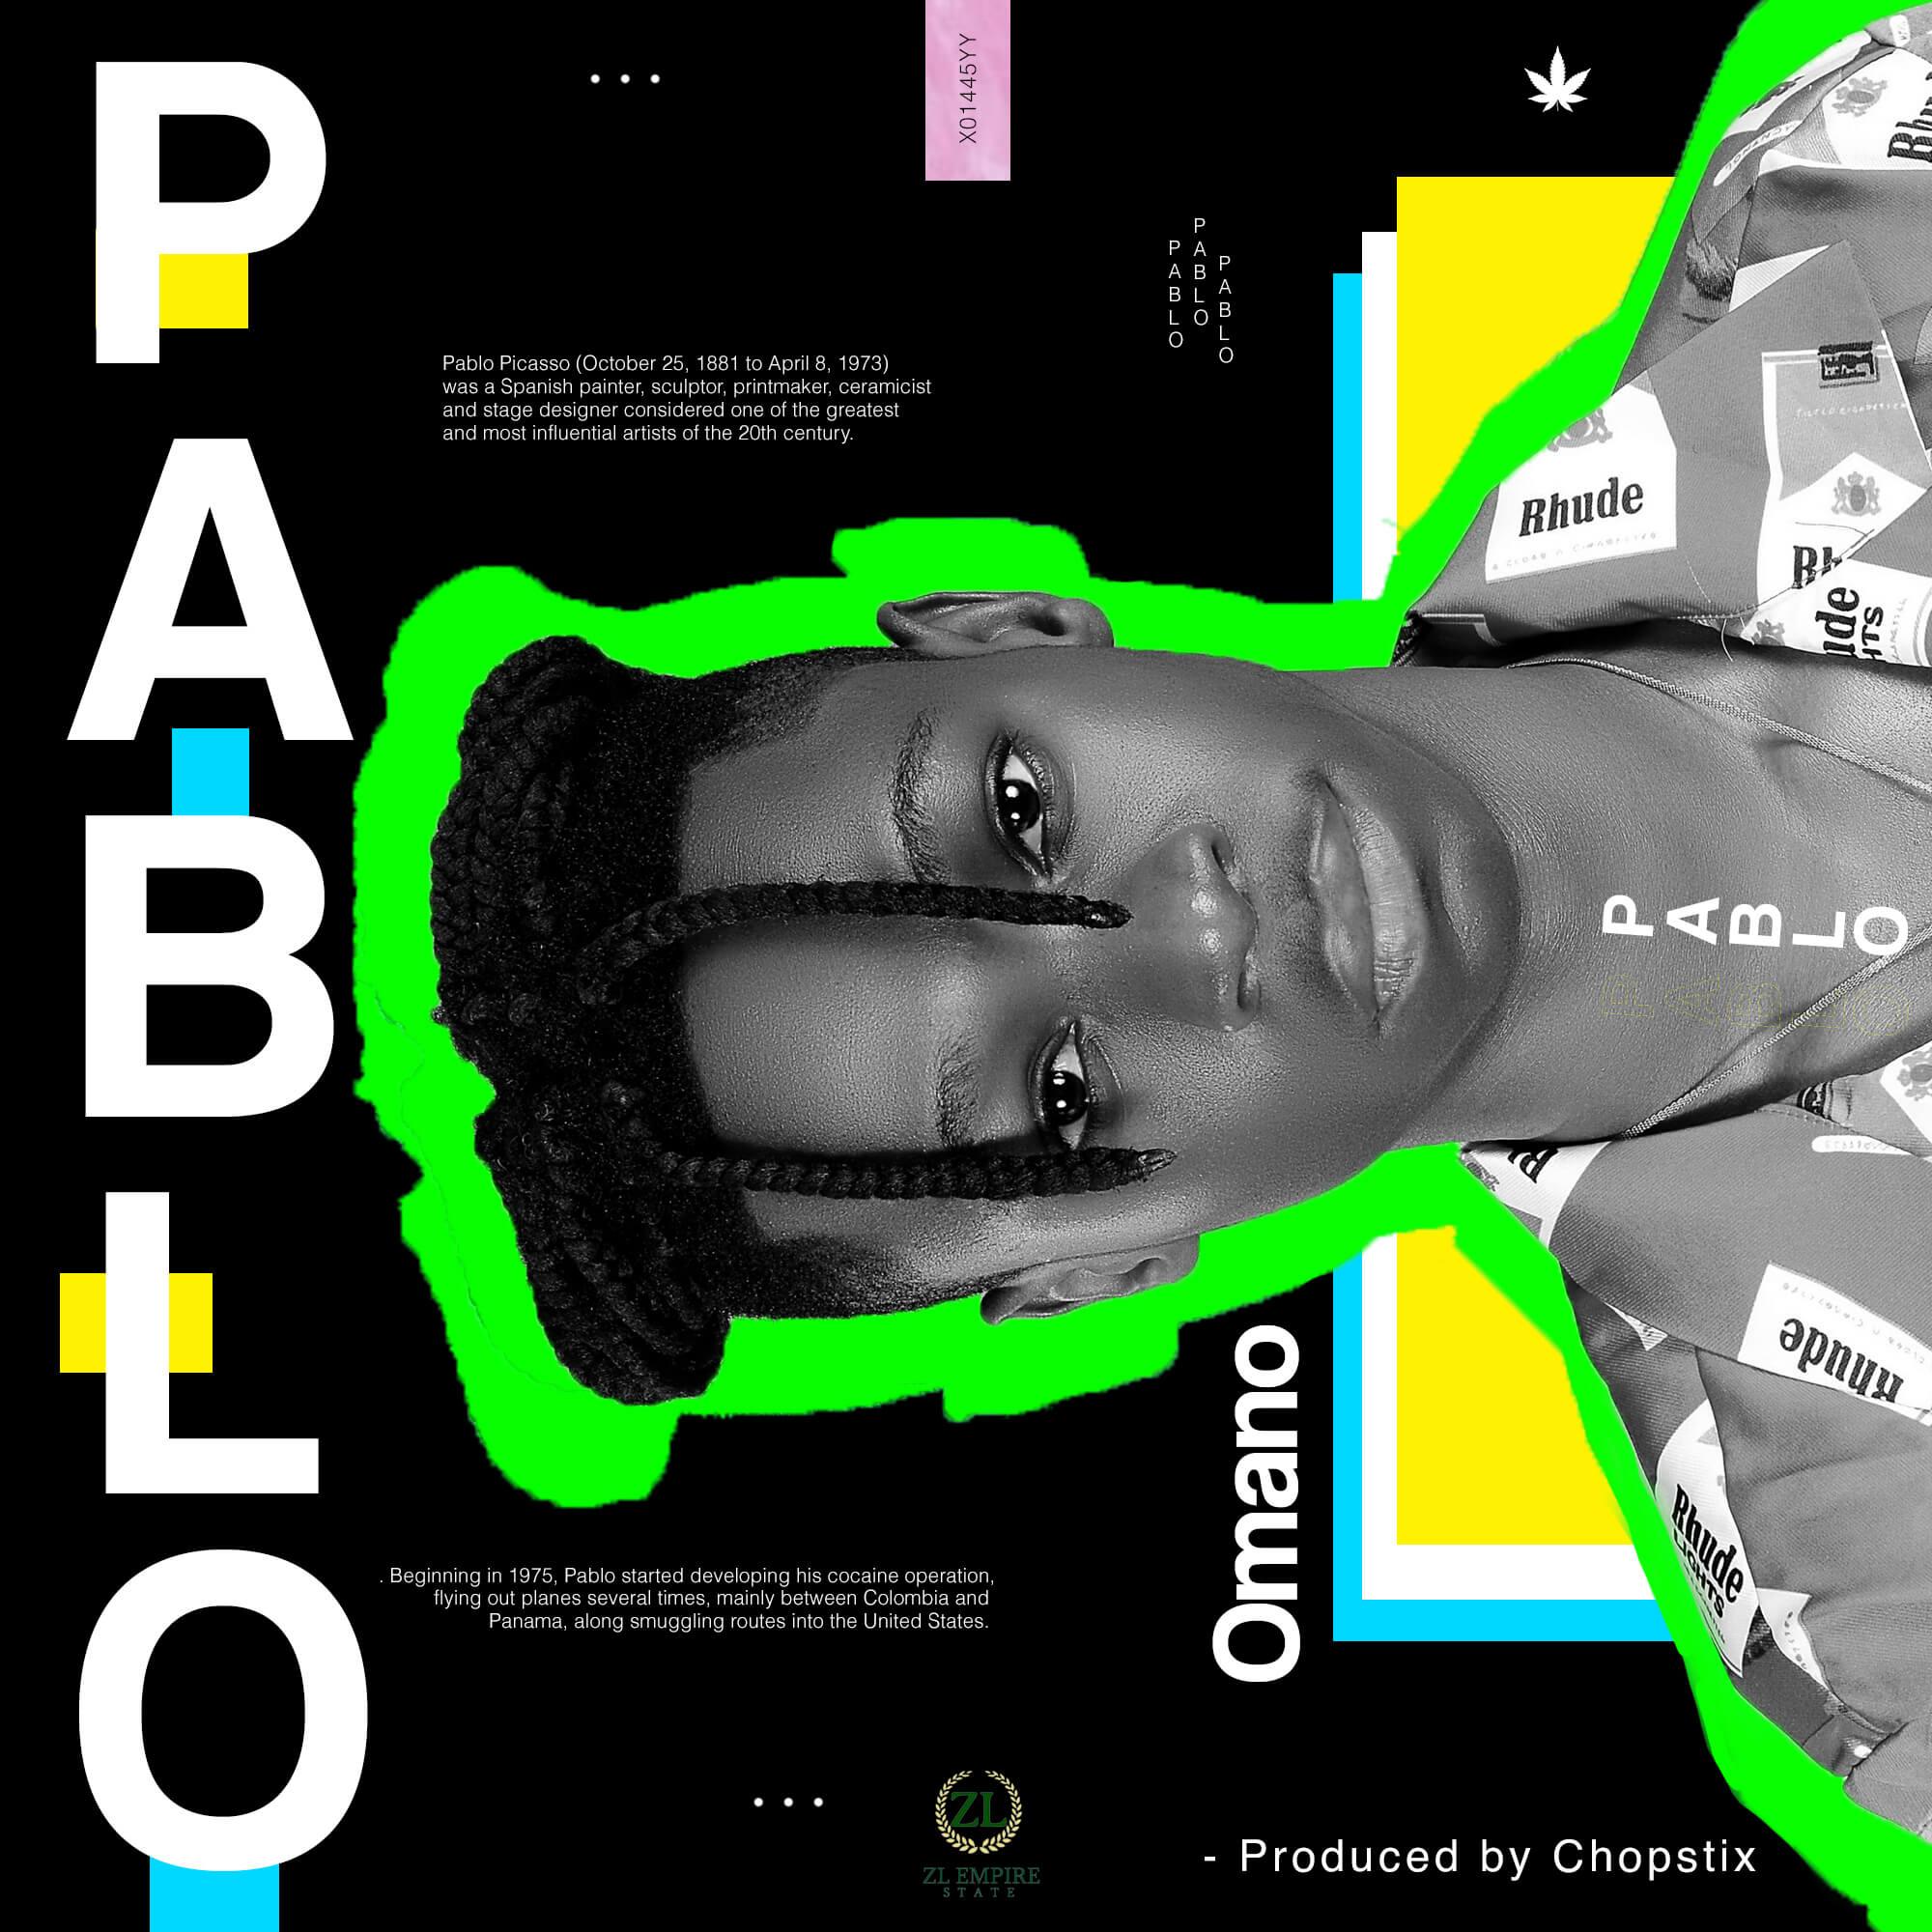 Omano – Pablo